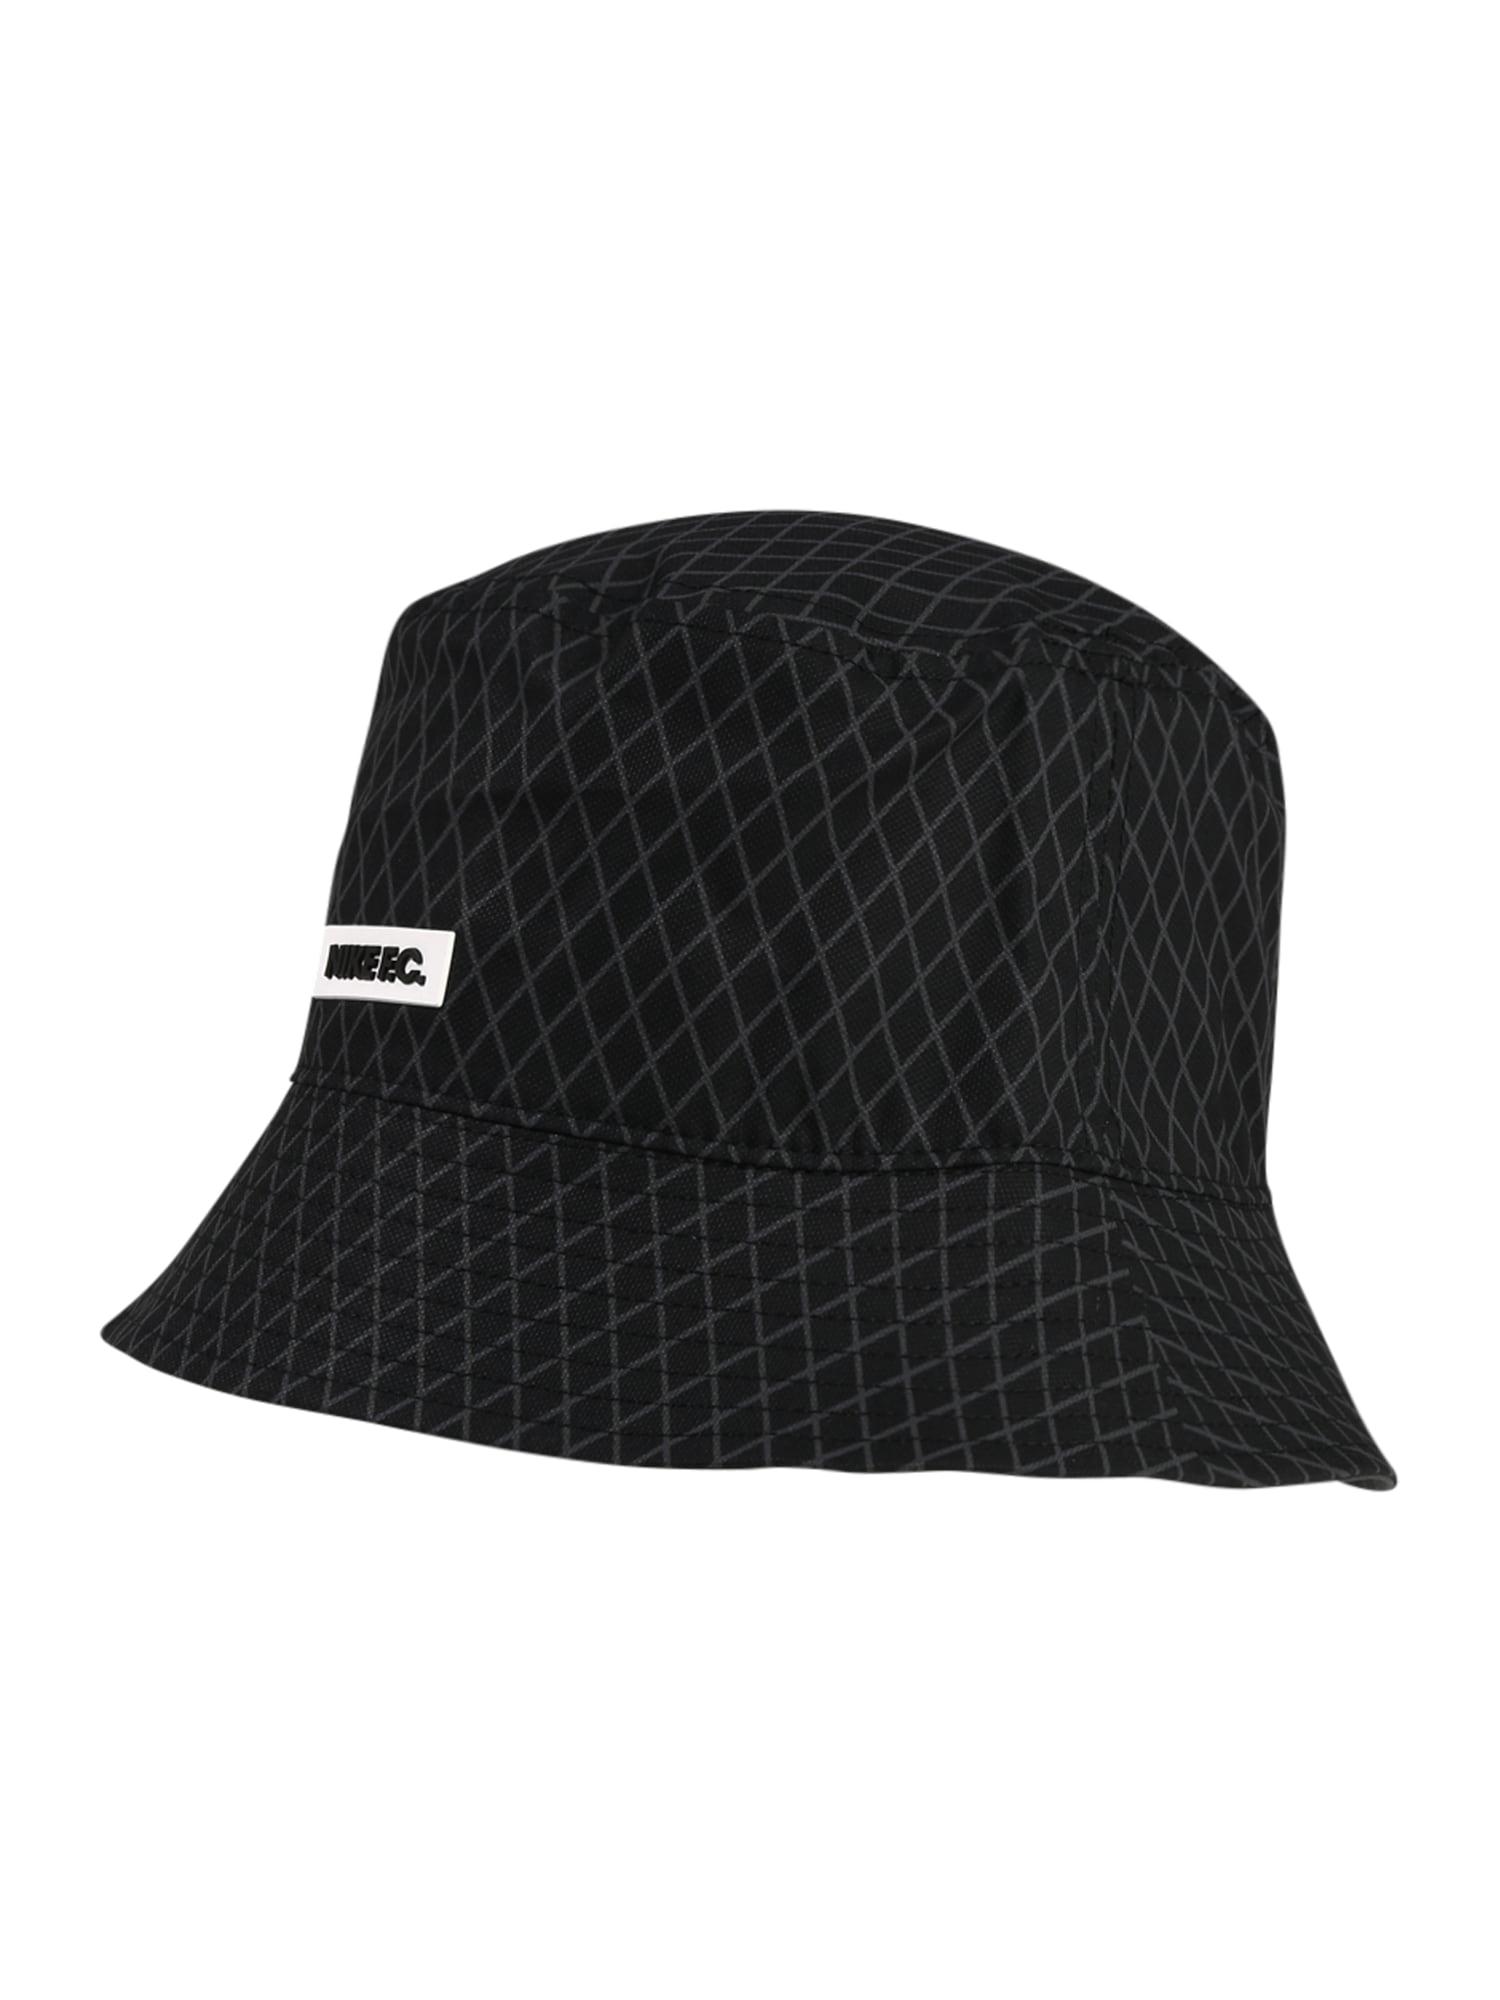 NIKE Sportinė kepurė juoda / pilka